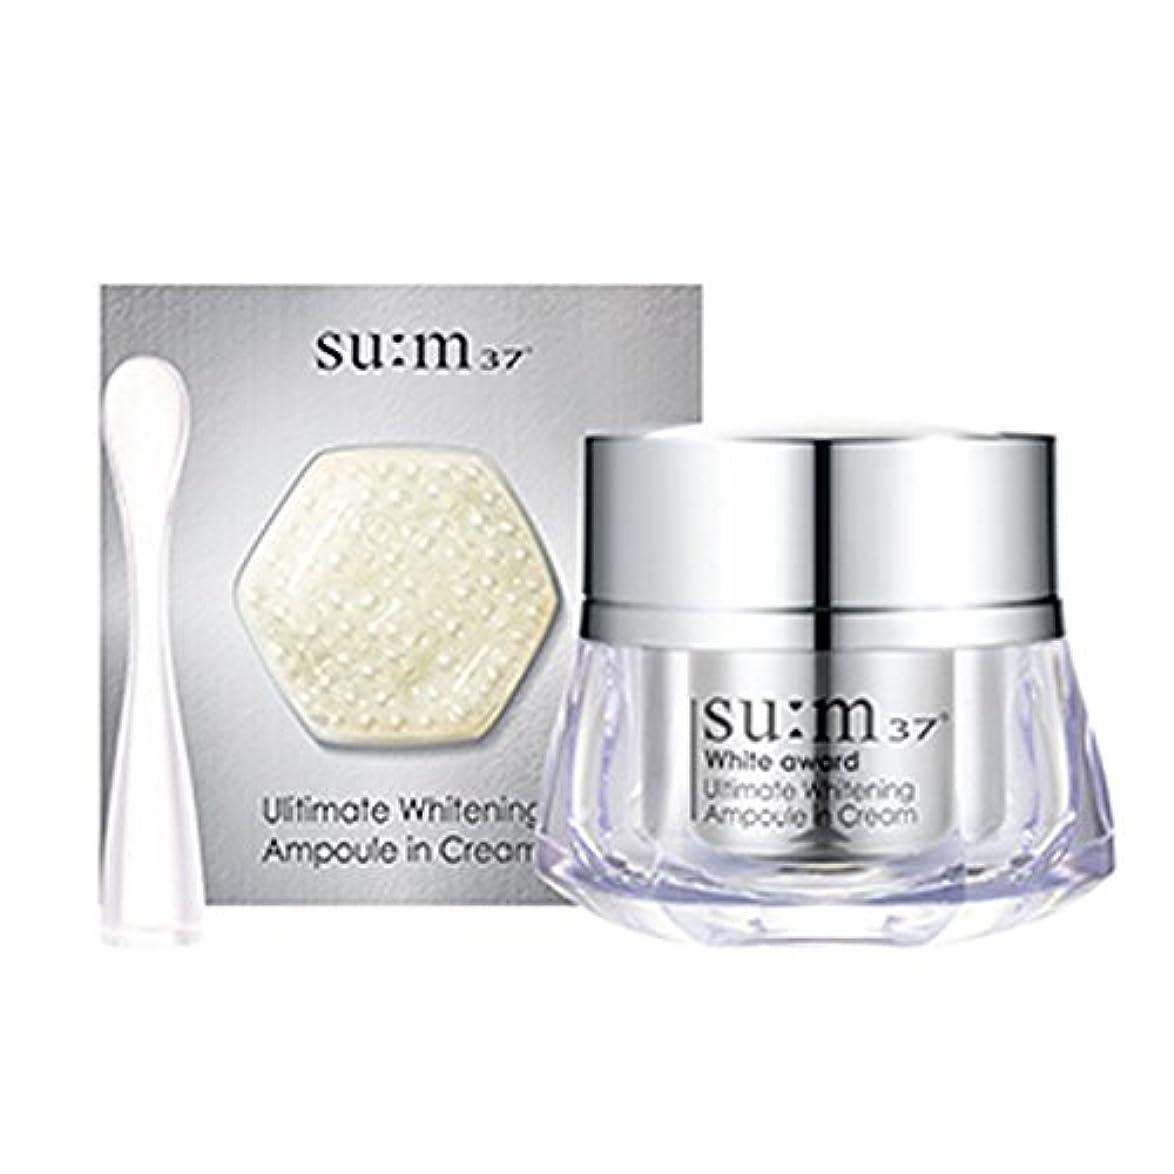 複雑ワイドバウンド[スム37°] su:m37°ホワイトアワードクリームの究極のホワイトニングアンプル海外直送品(su:m37°white award Ultimate Whitening ampoule in cream) [並行輸入品]